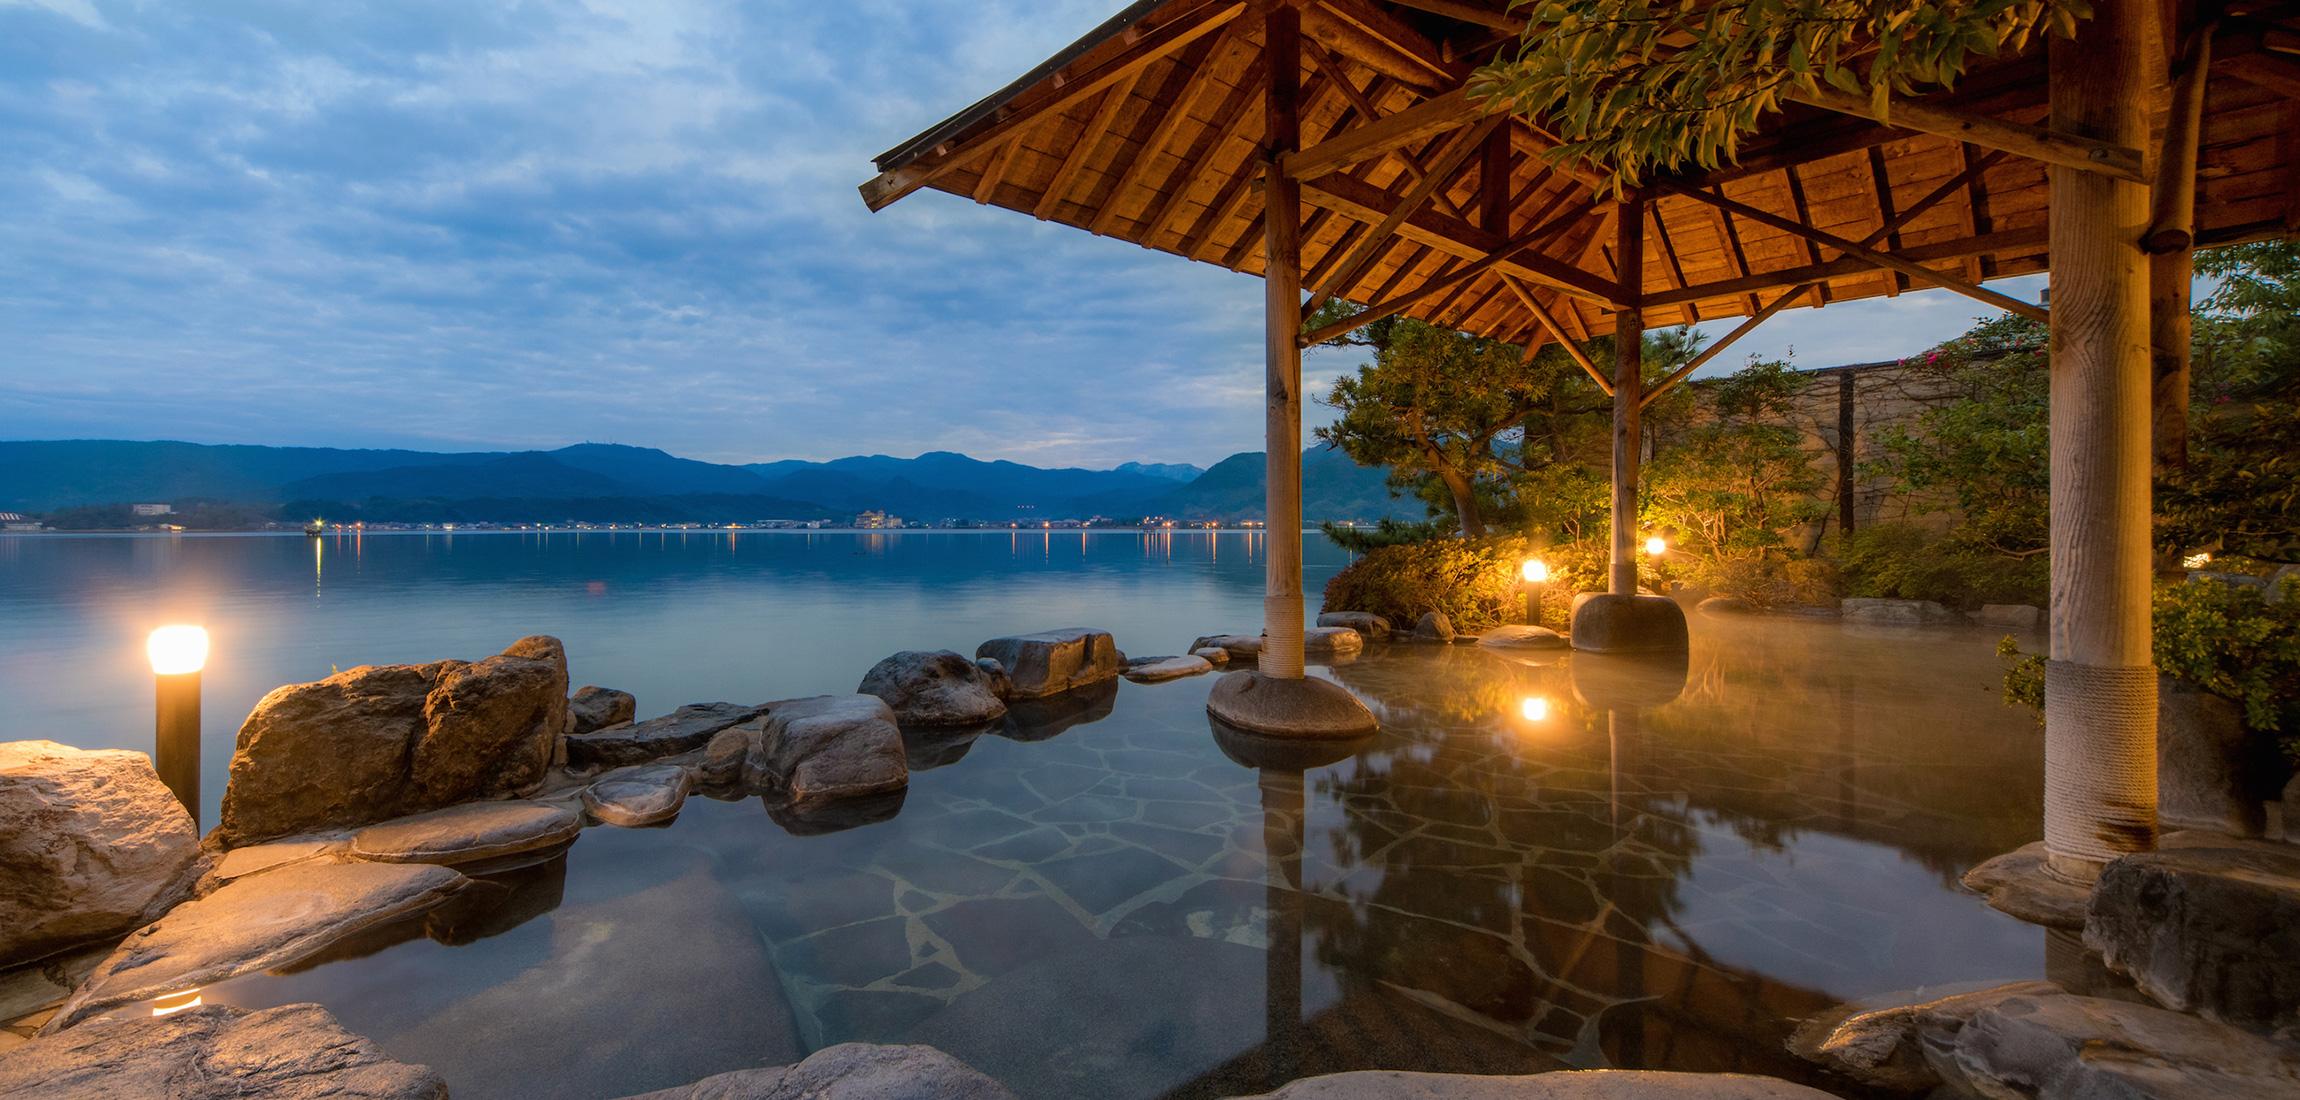 Hawai Onsen, the inn on the lake: \